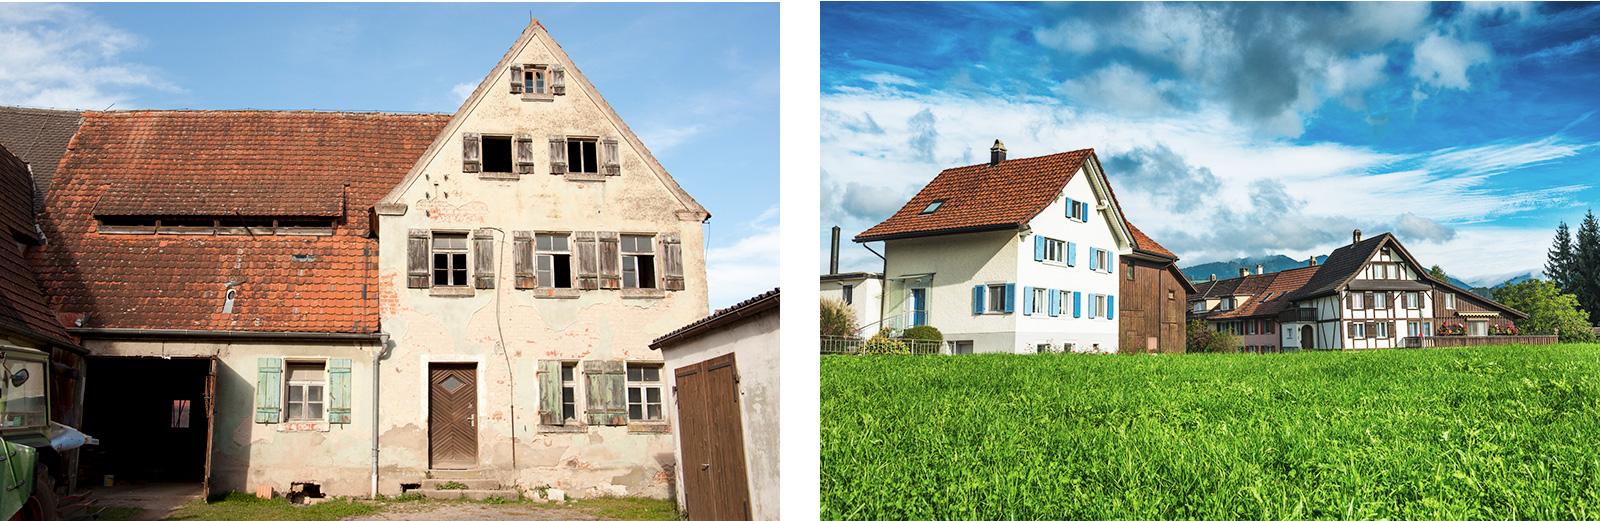 Unverwechselbar: ehemalige Bauernhäuser – unrenoviert und renoviert